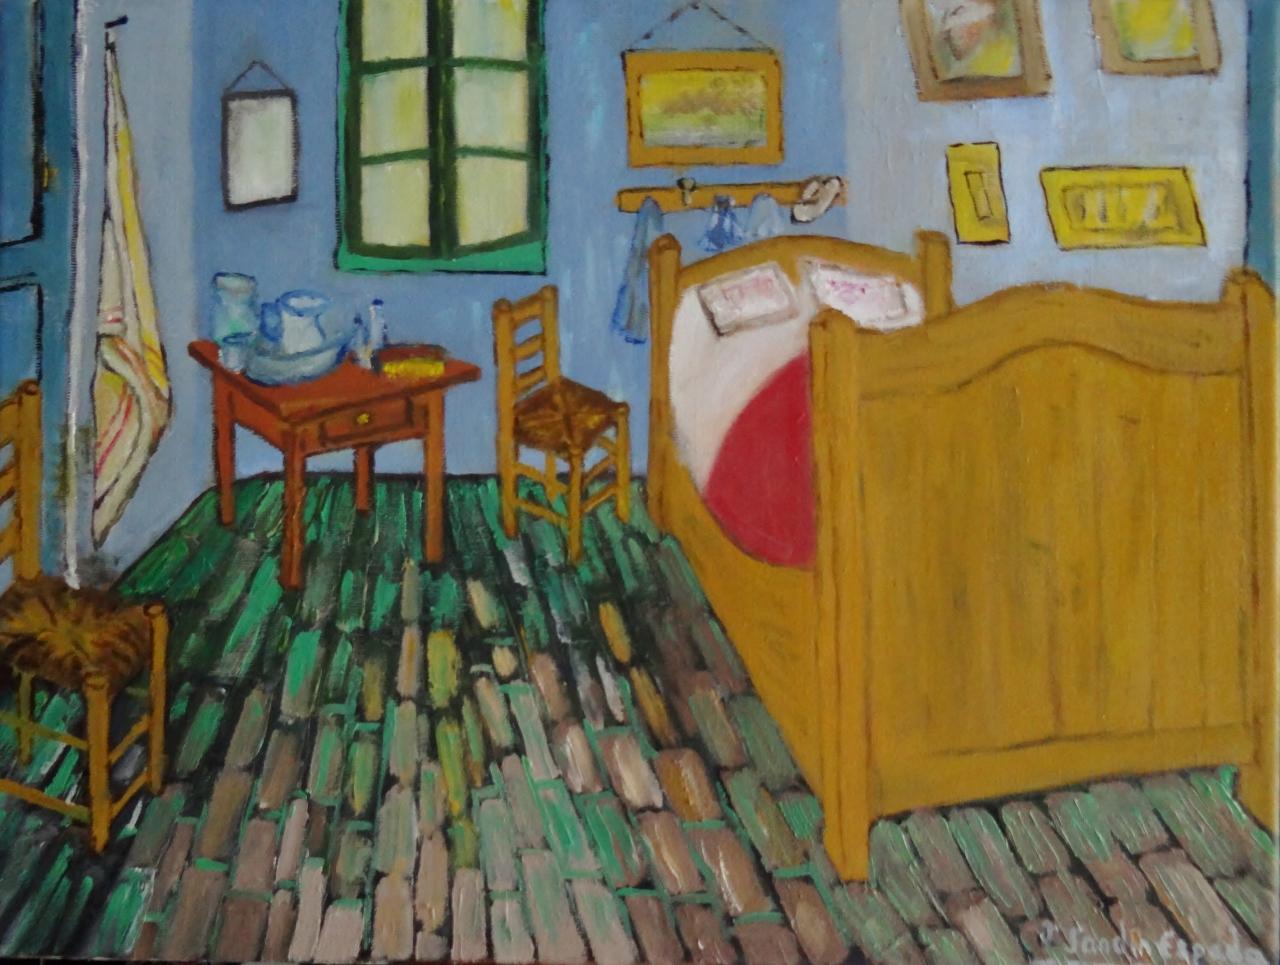 La habitación de Van Gogh | J. Sandin Espada